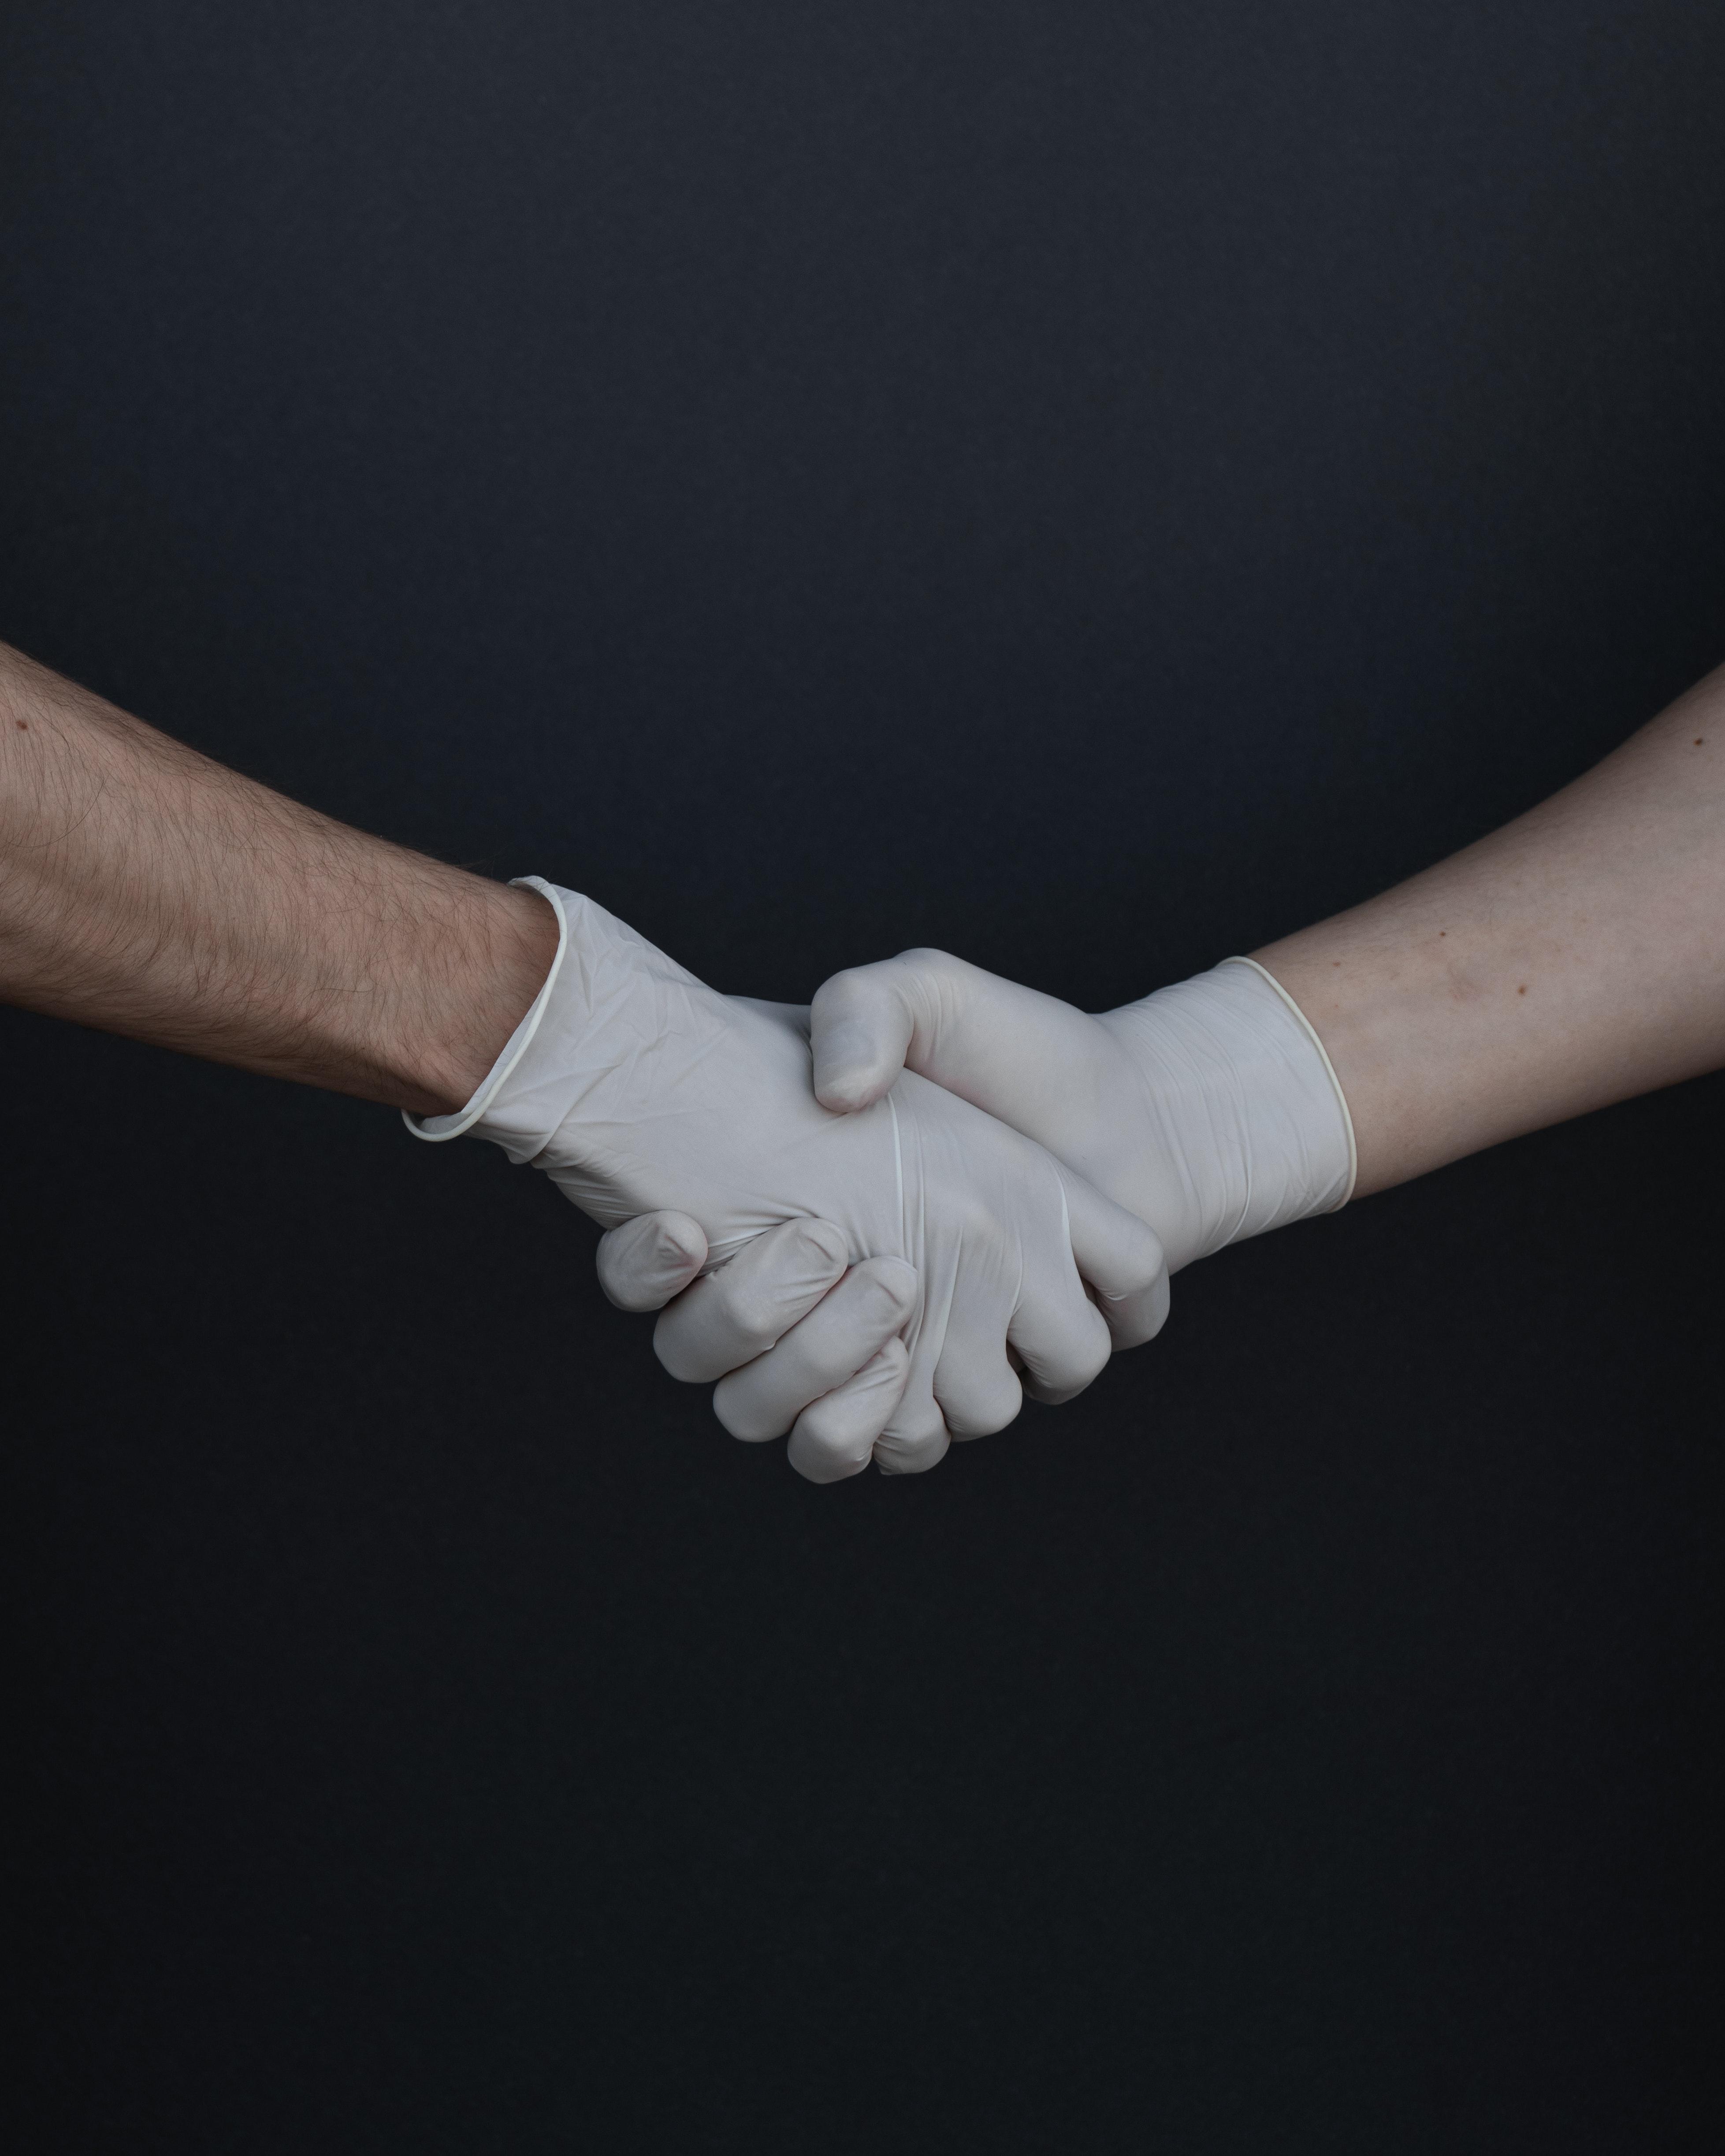 latex hand shake